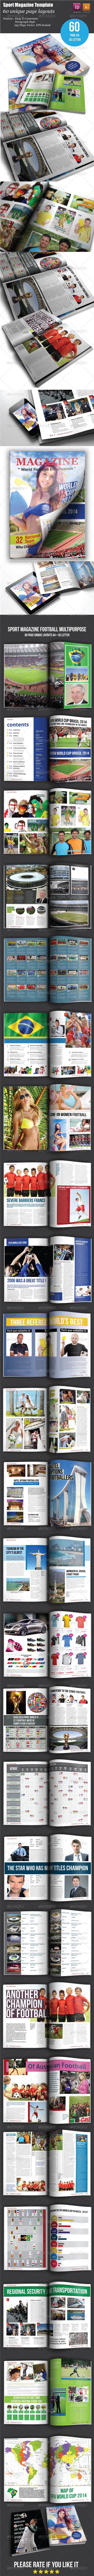 GraphicRiver A5 Football Magazine 5529982